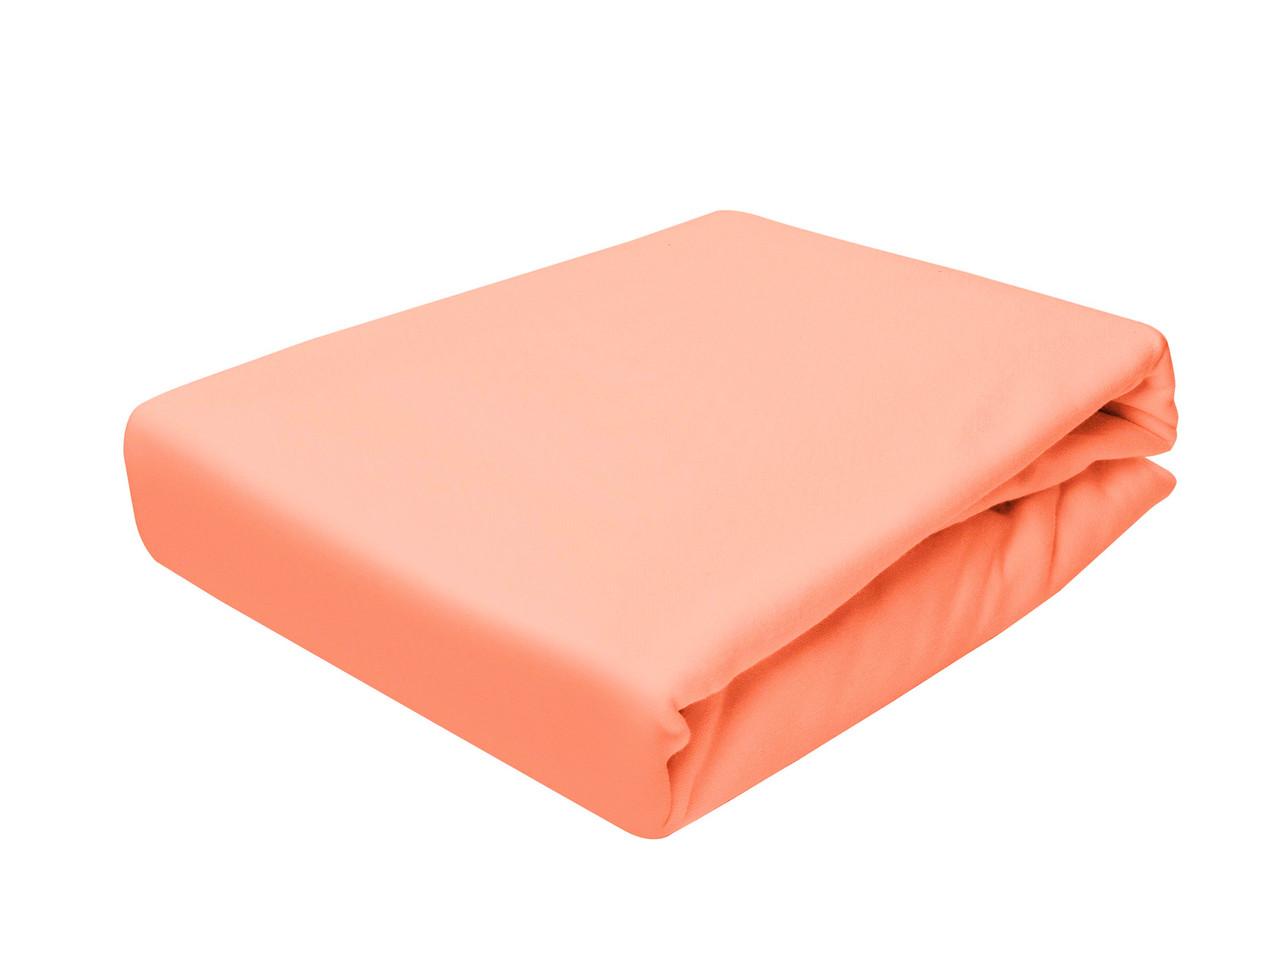 Простыня Трикотажная На резинке NR 001 P.P.H.U. J&M 5576 200x220 см Оранжевая